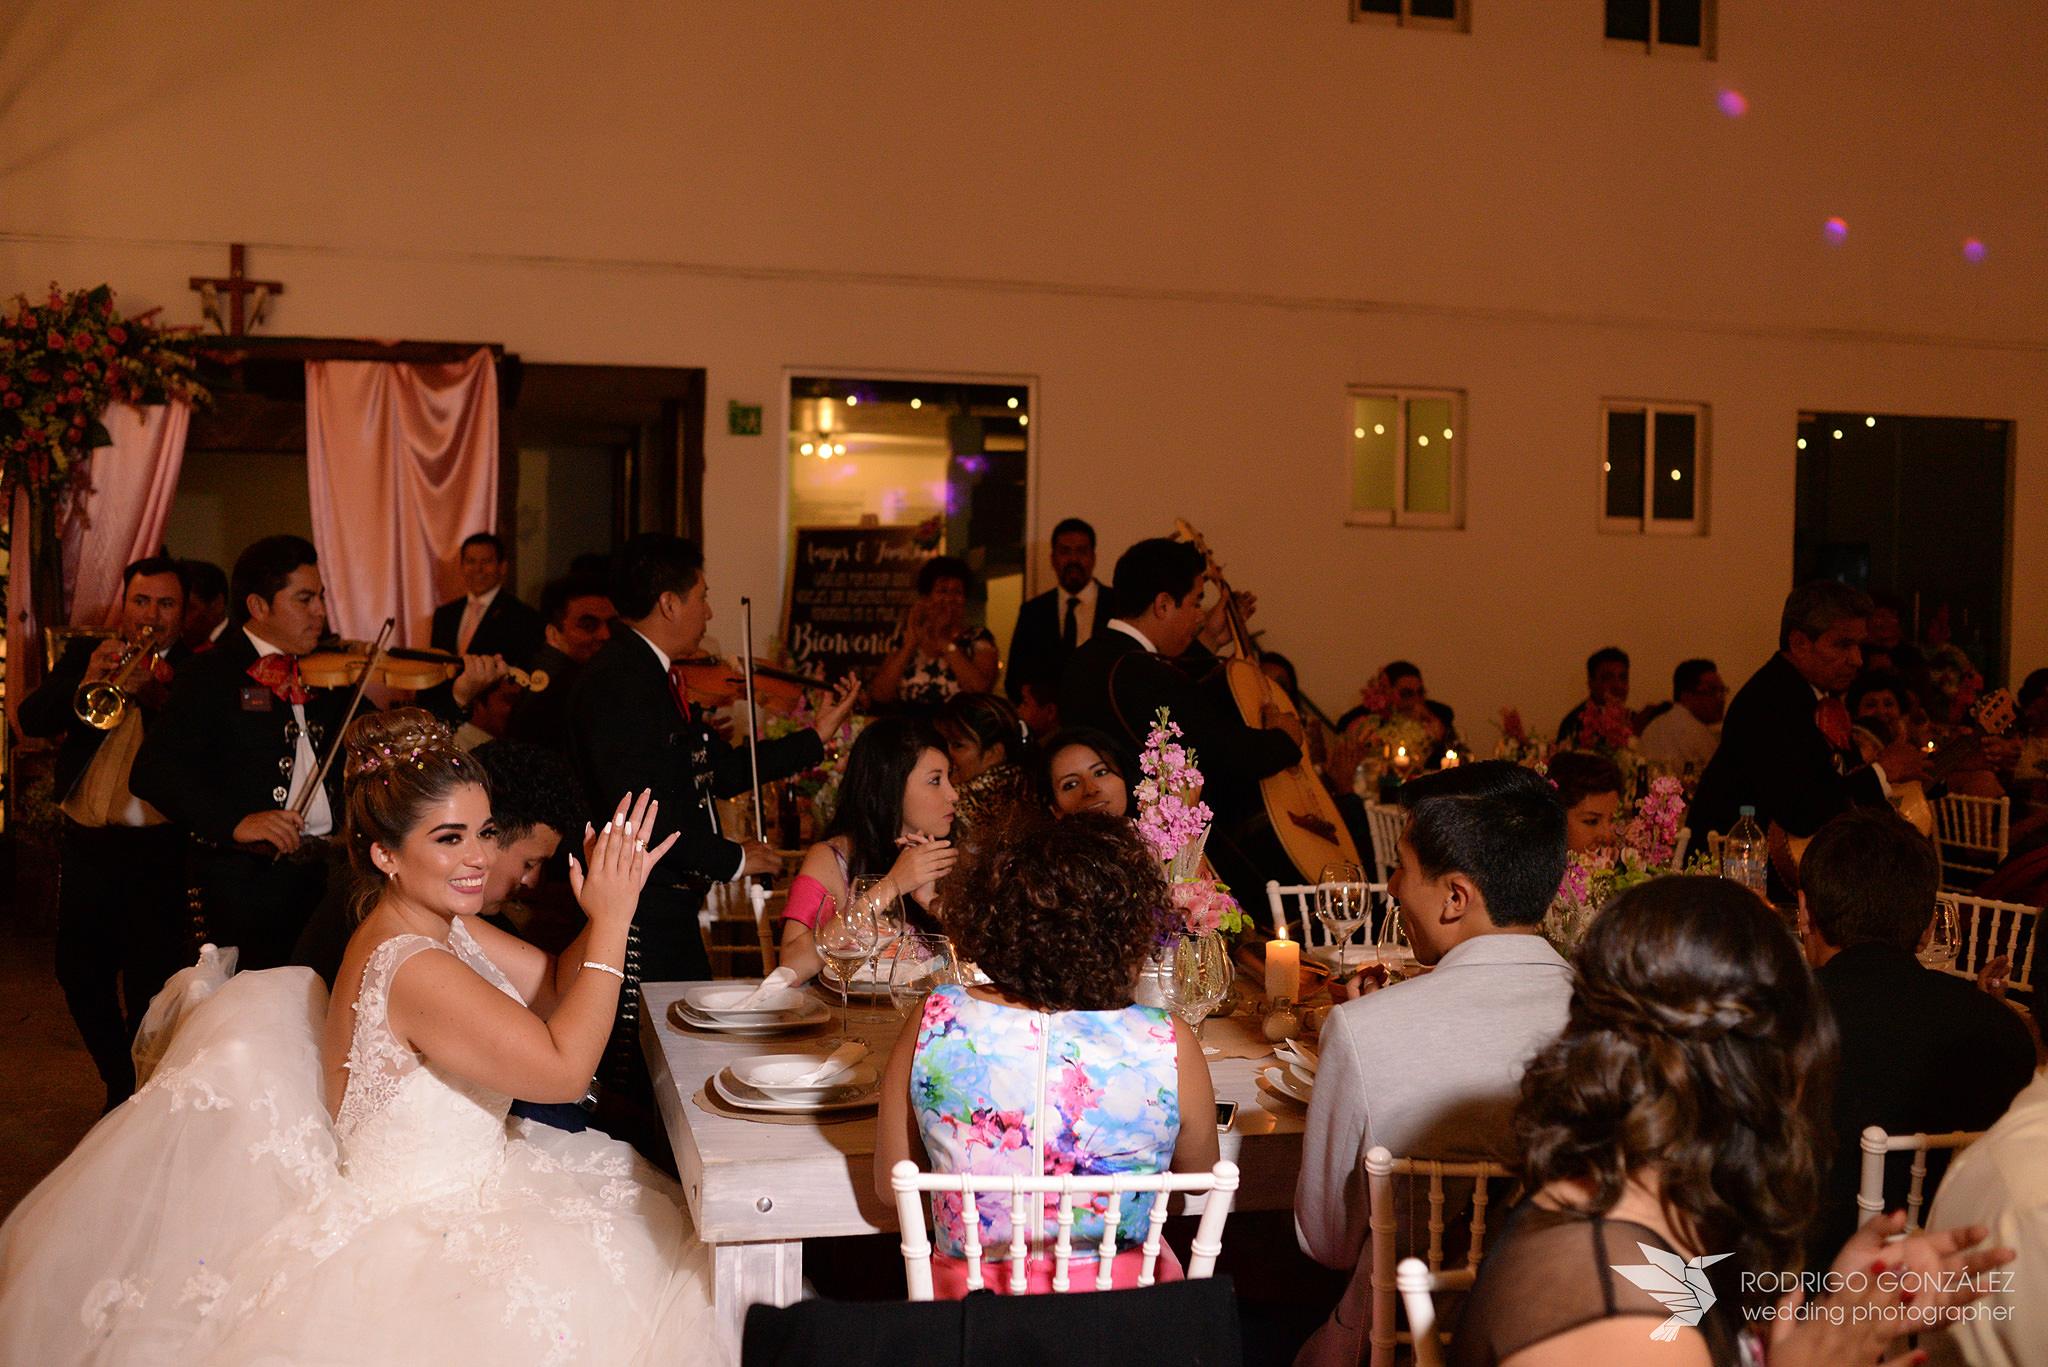 fotos-de-bodas-en-puebla-0614